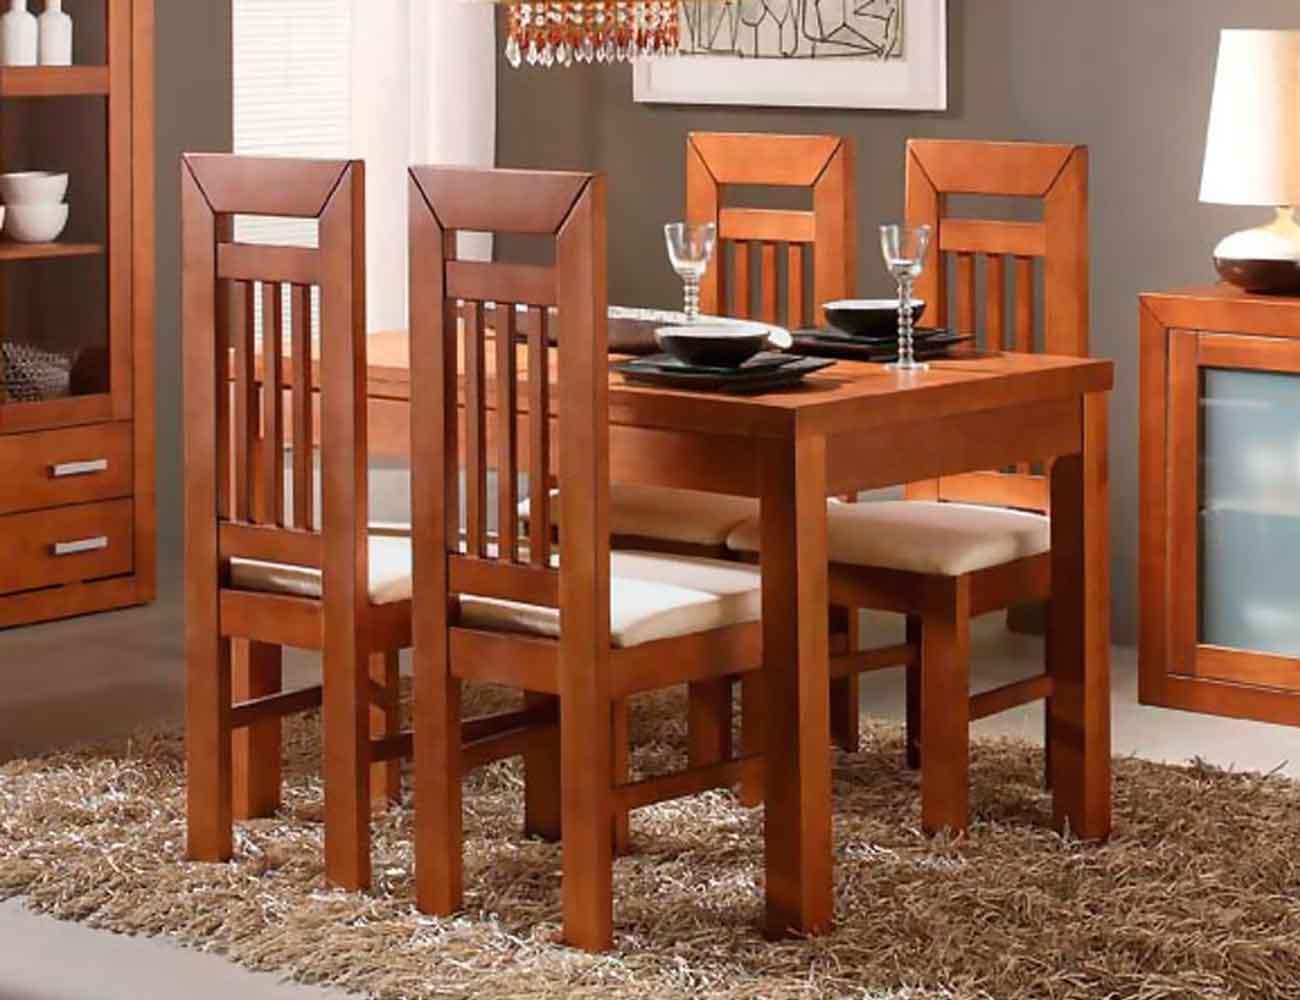 Muebles de sal n comedor estilo colonial en madera for Muebles de comedor en madera